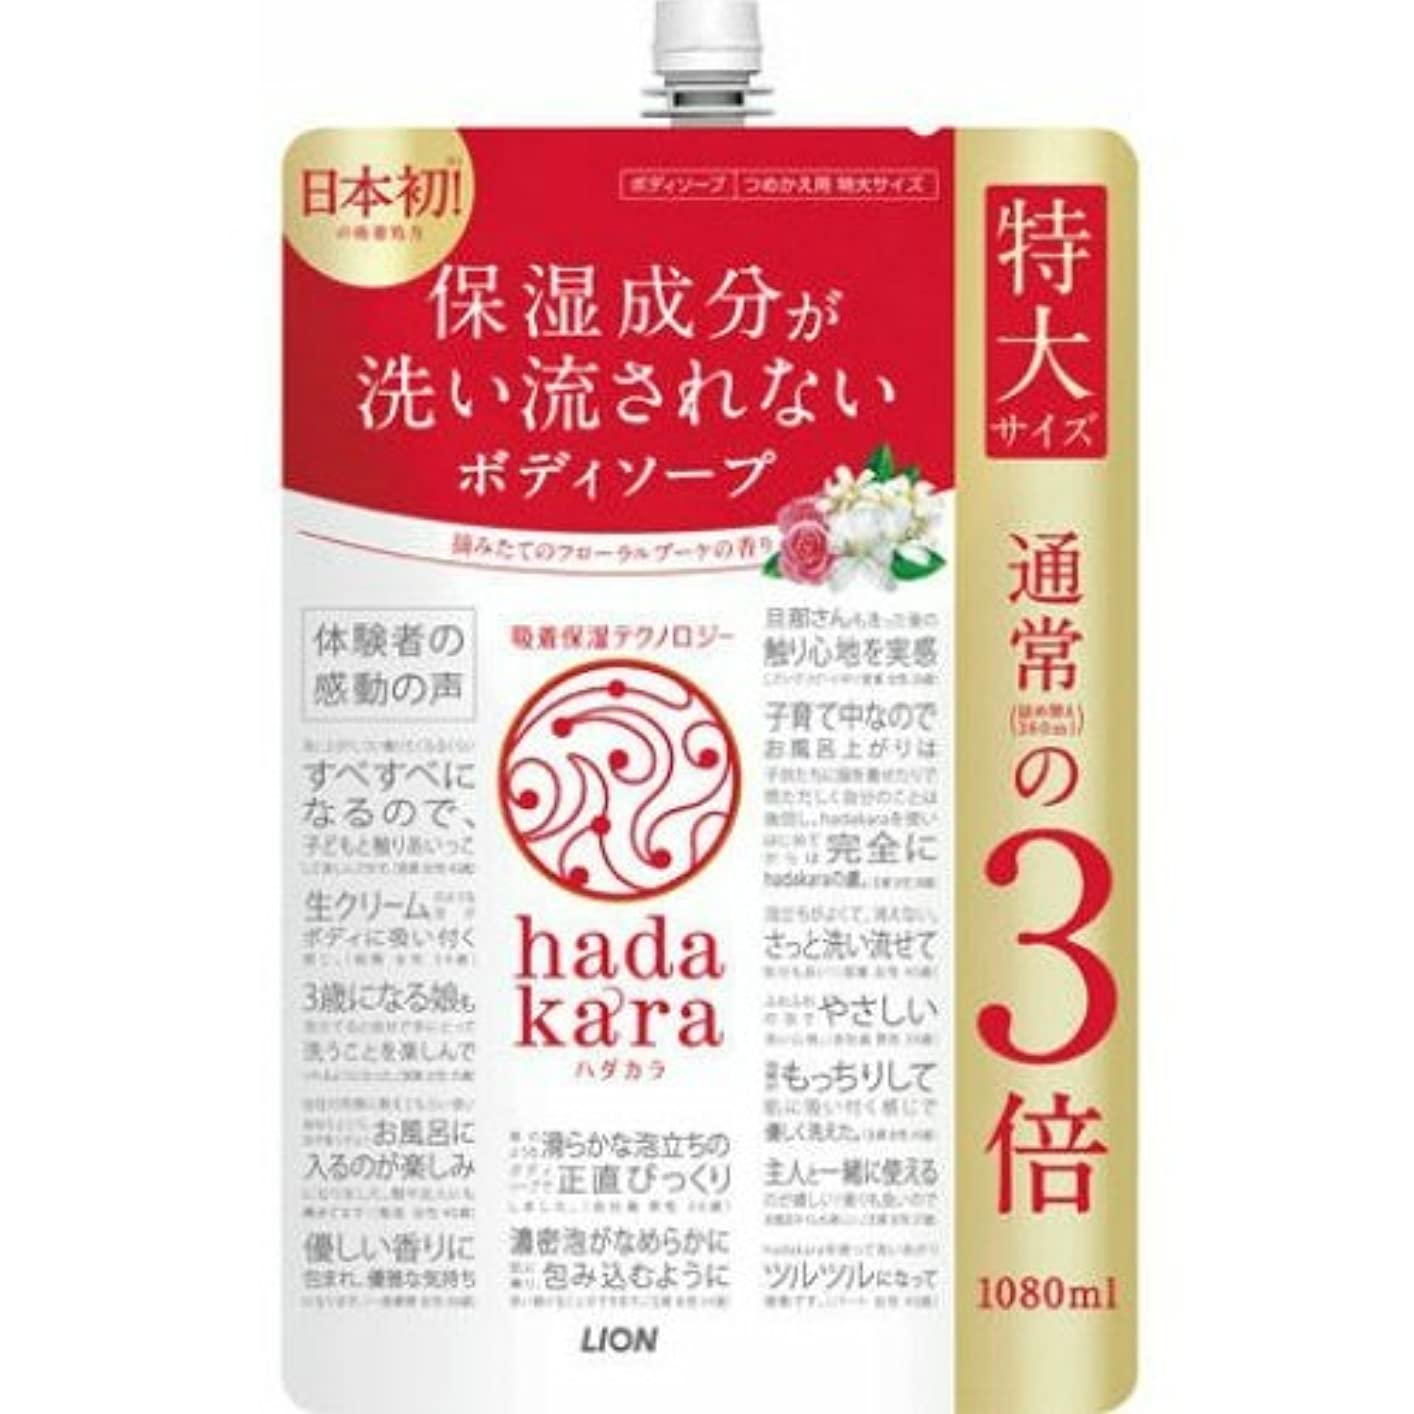 耐えるシャーク一節LION ライオン hadakara ハダカラ ボディソープ フローラルブーケの香り つめかえ用 特大サイズ 1080ml ×006点セット(4903301260875)